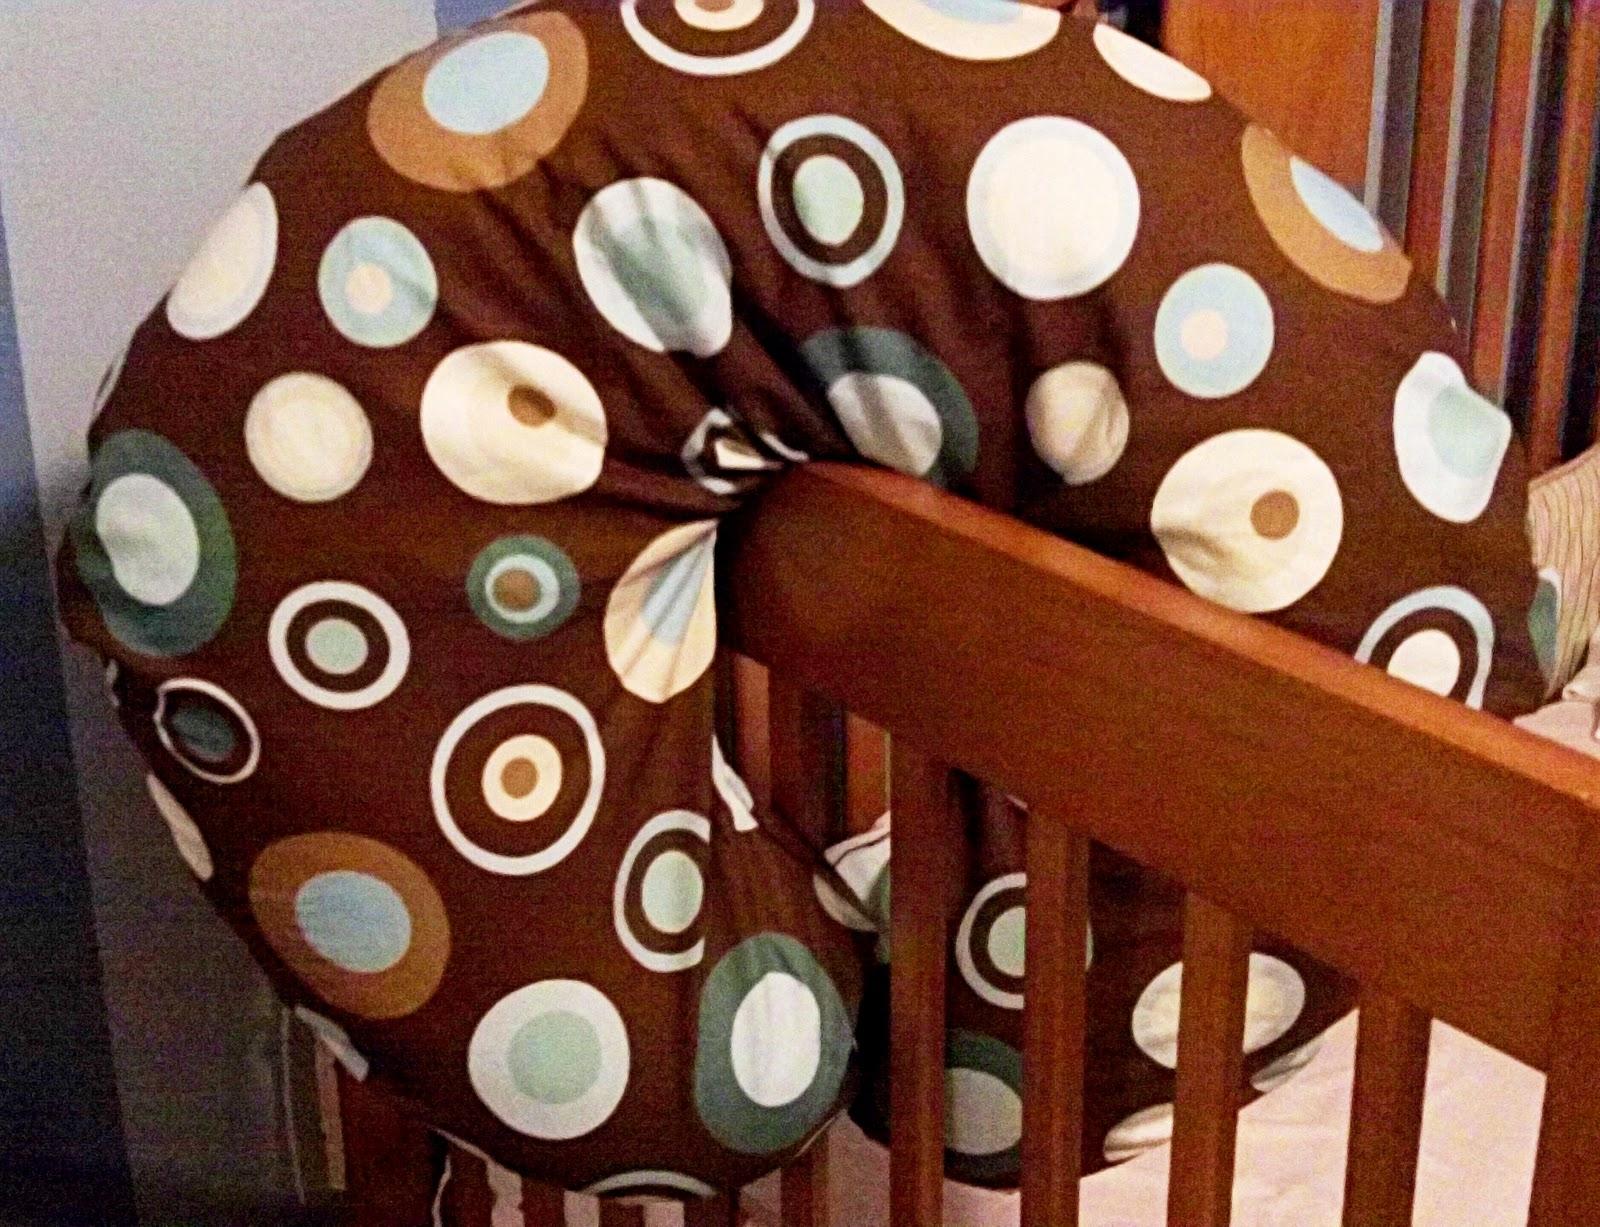 Boppy Cover & Boppy Cover | :) Crafty Mama pillowsntoast.com